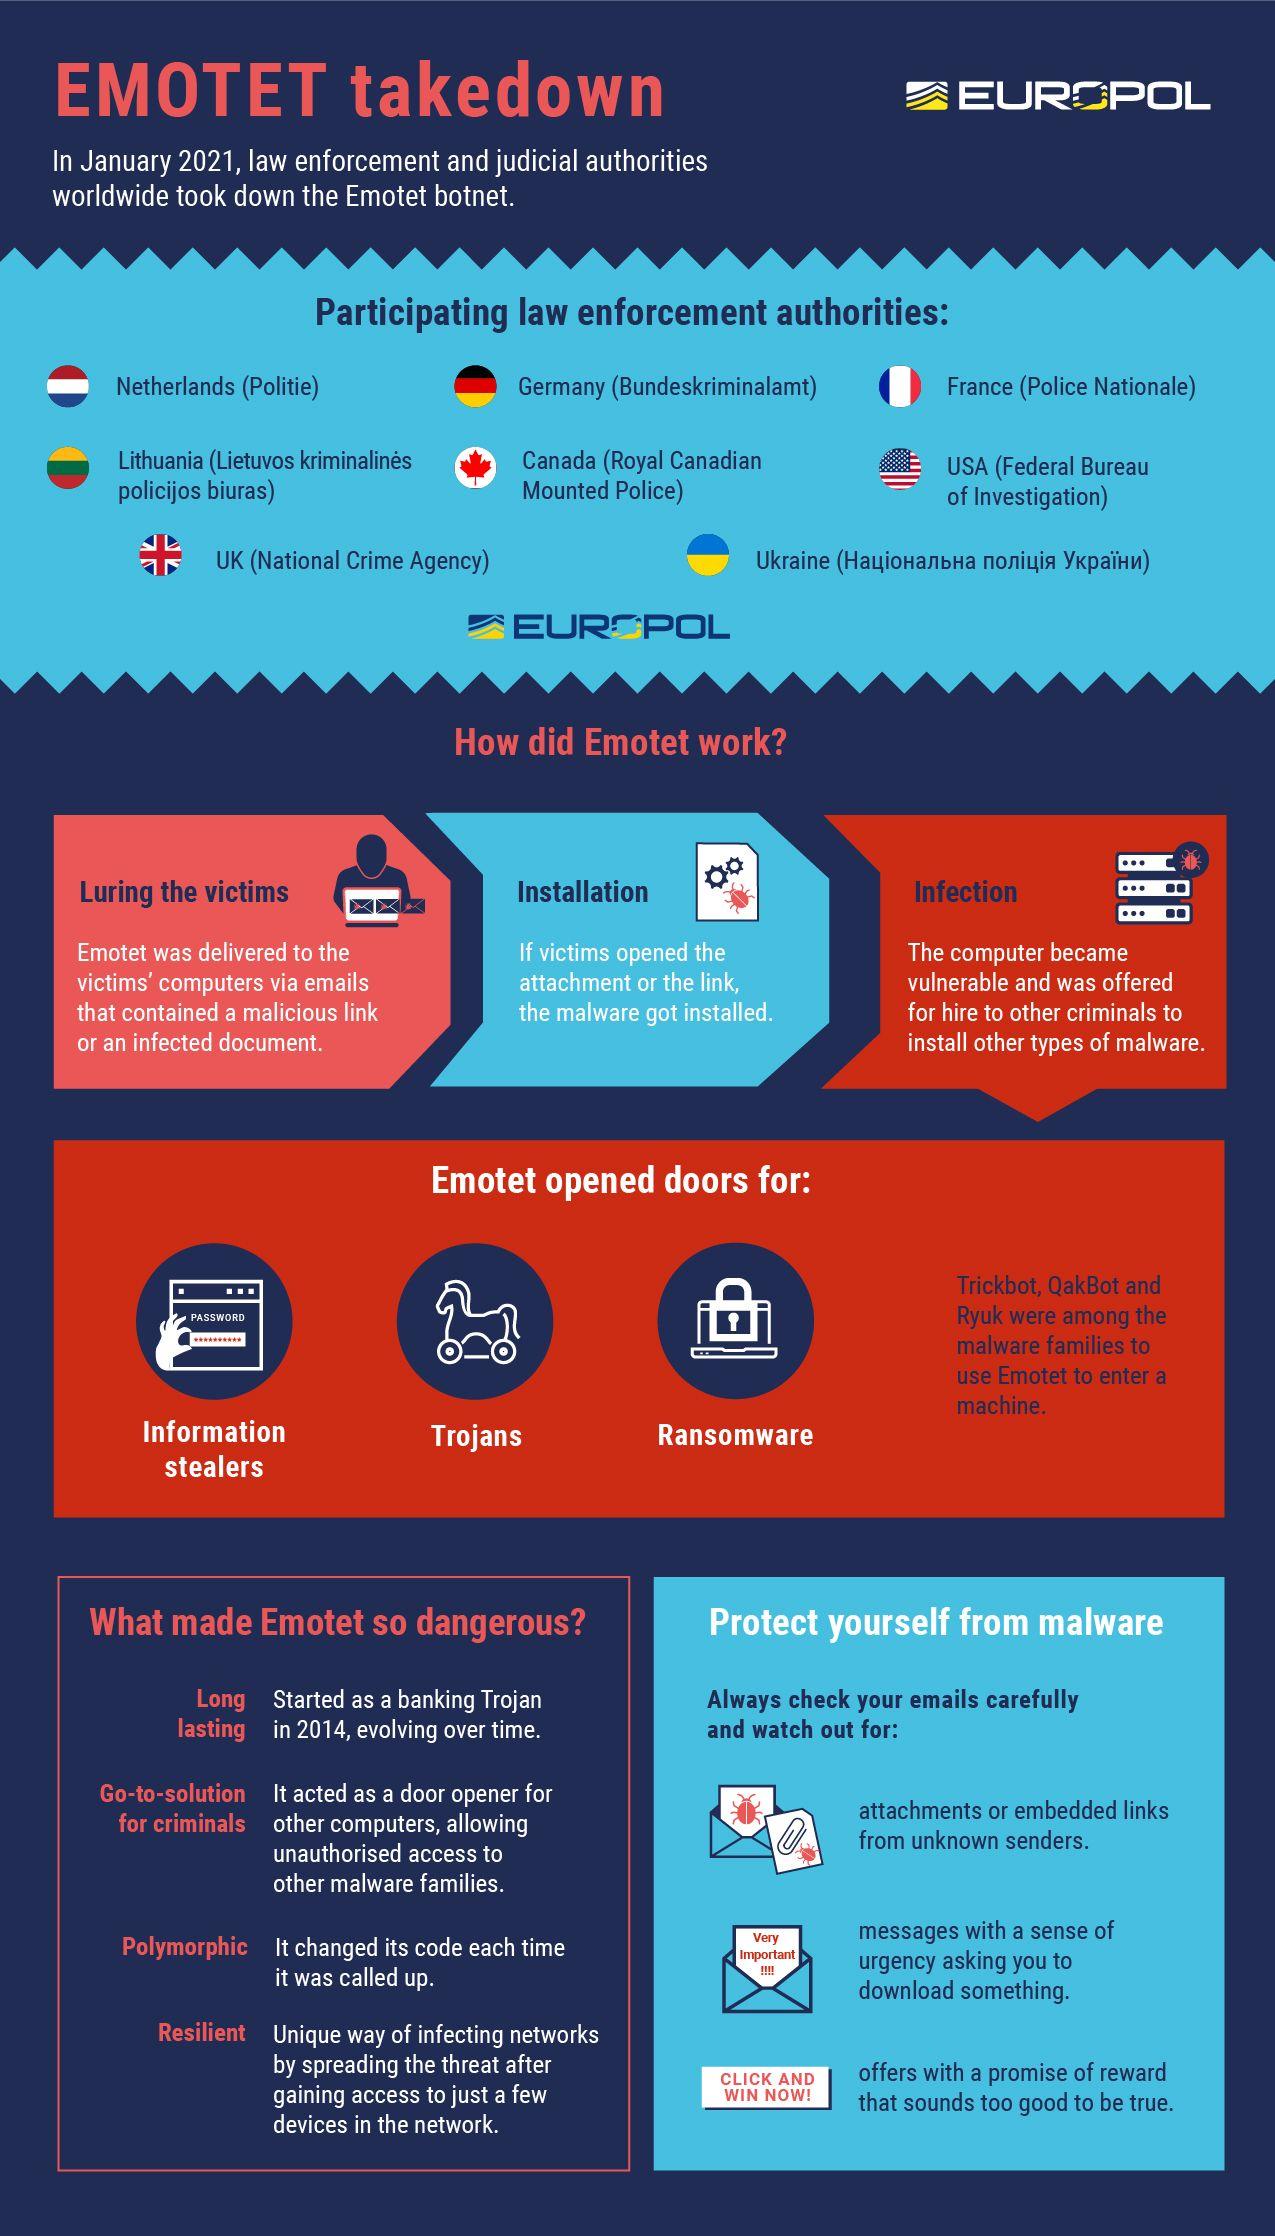 Infográfico sobre o Emotet, publicado junto com o comunicado da Europol.